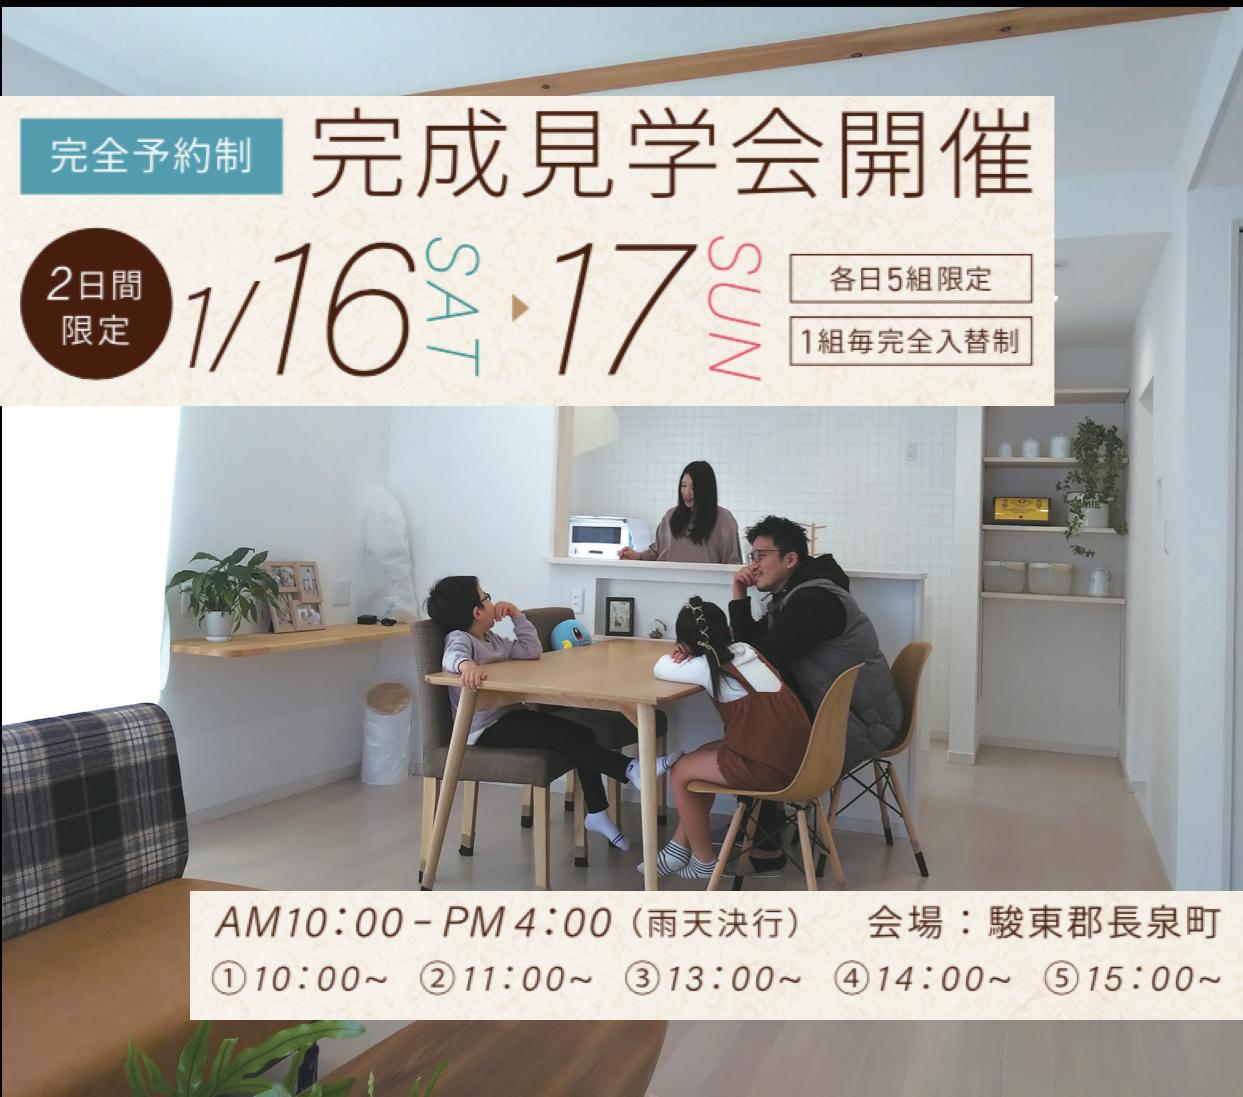 【完全予約制見学会】3つの動線と7つの家事楽アイデアでゆとりが生まれる家【長泉町】